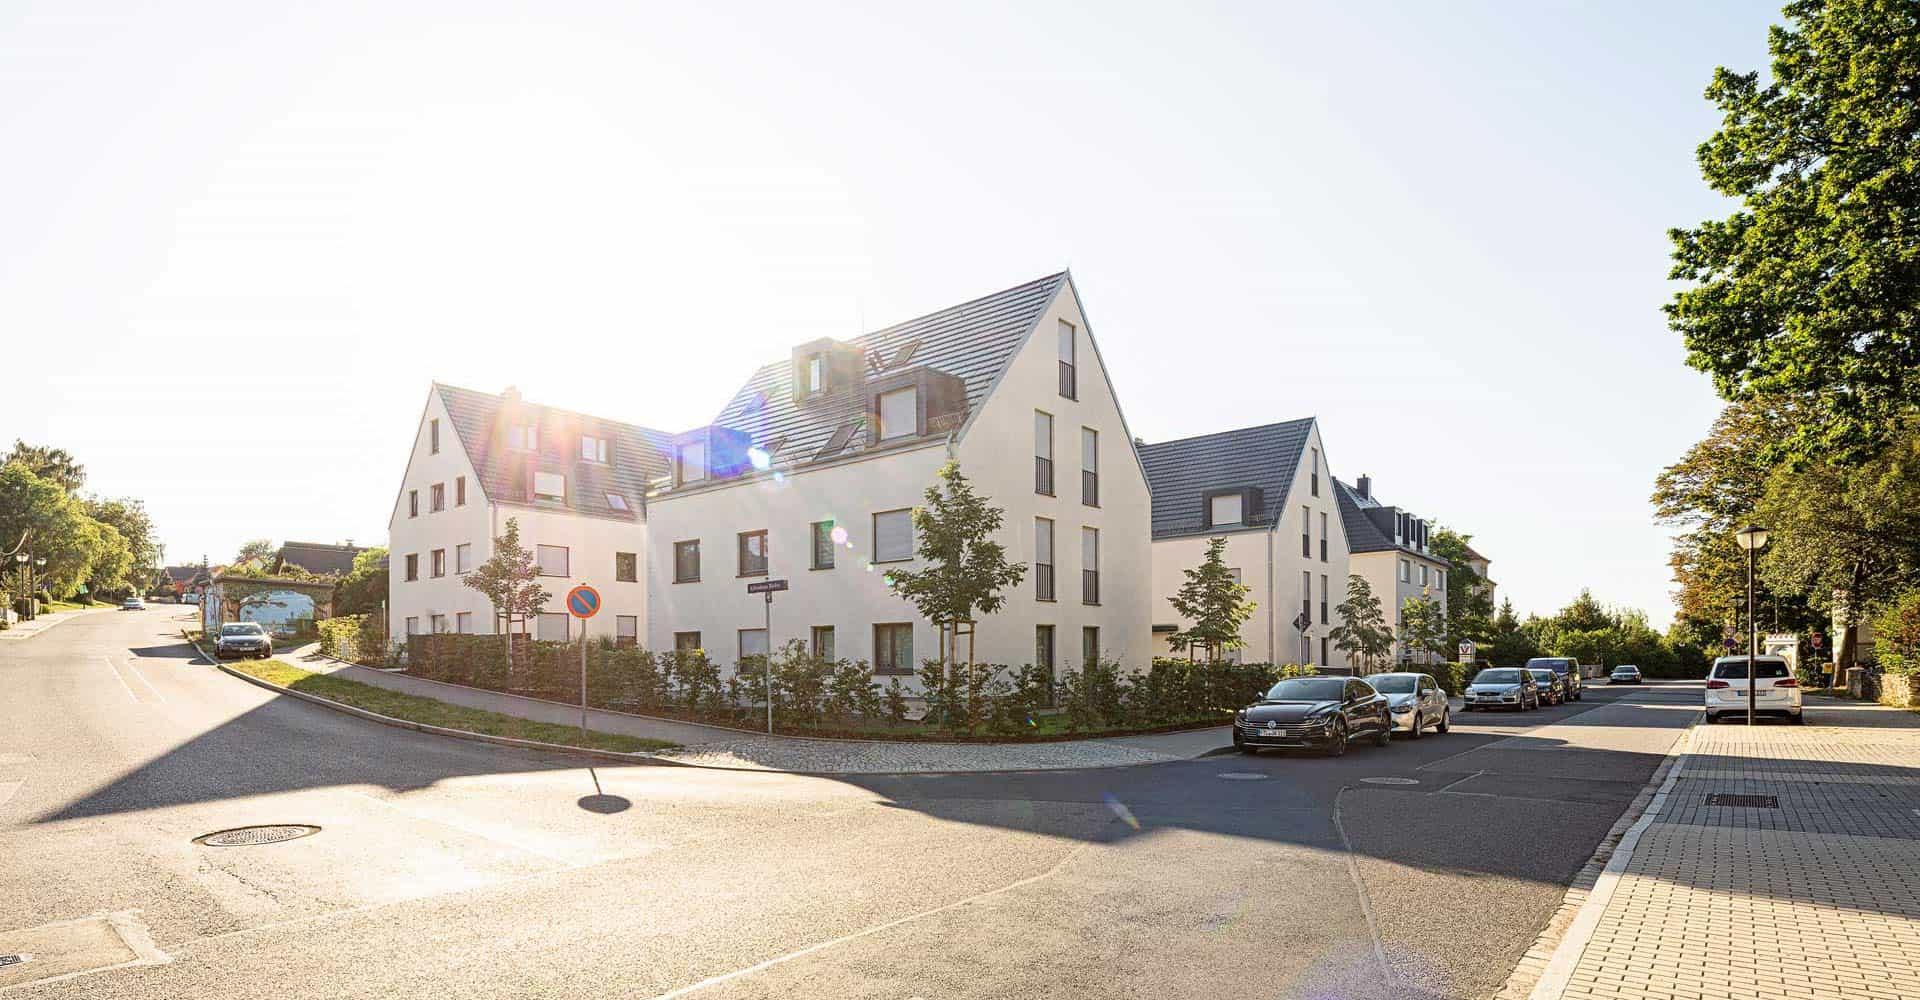 KADUR Gruppe Wohnungsbau Architektur Parkquartiere Altfranken